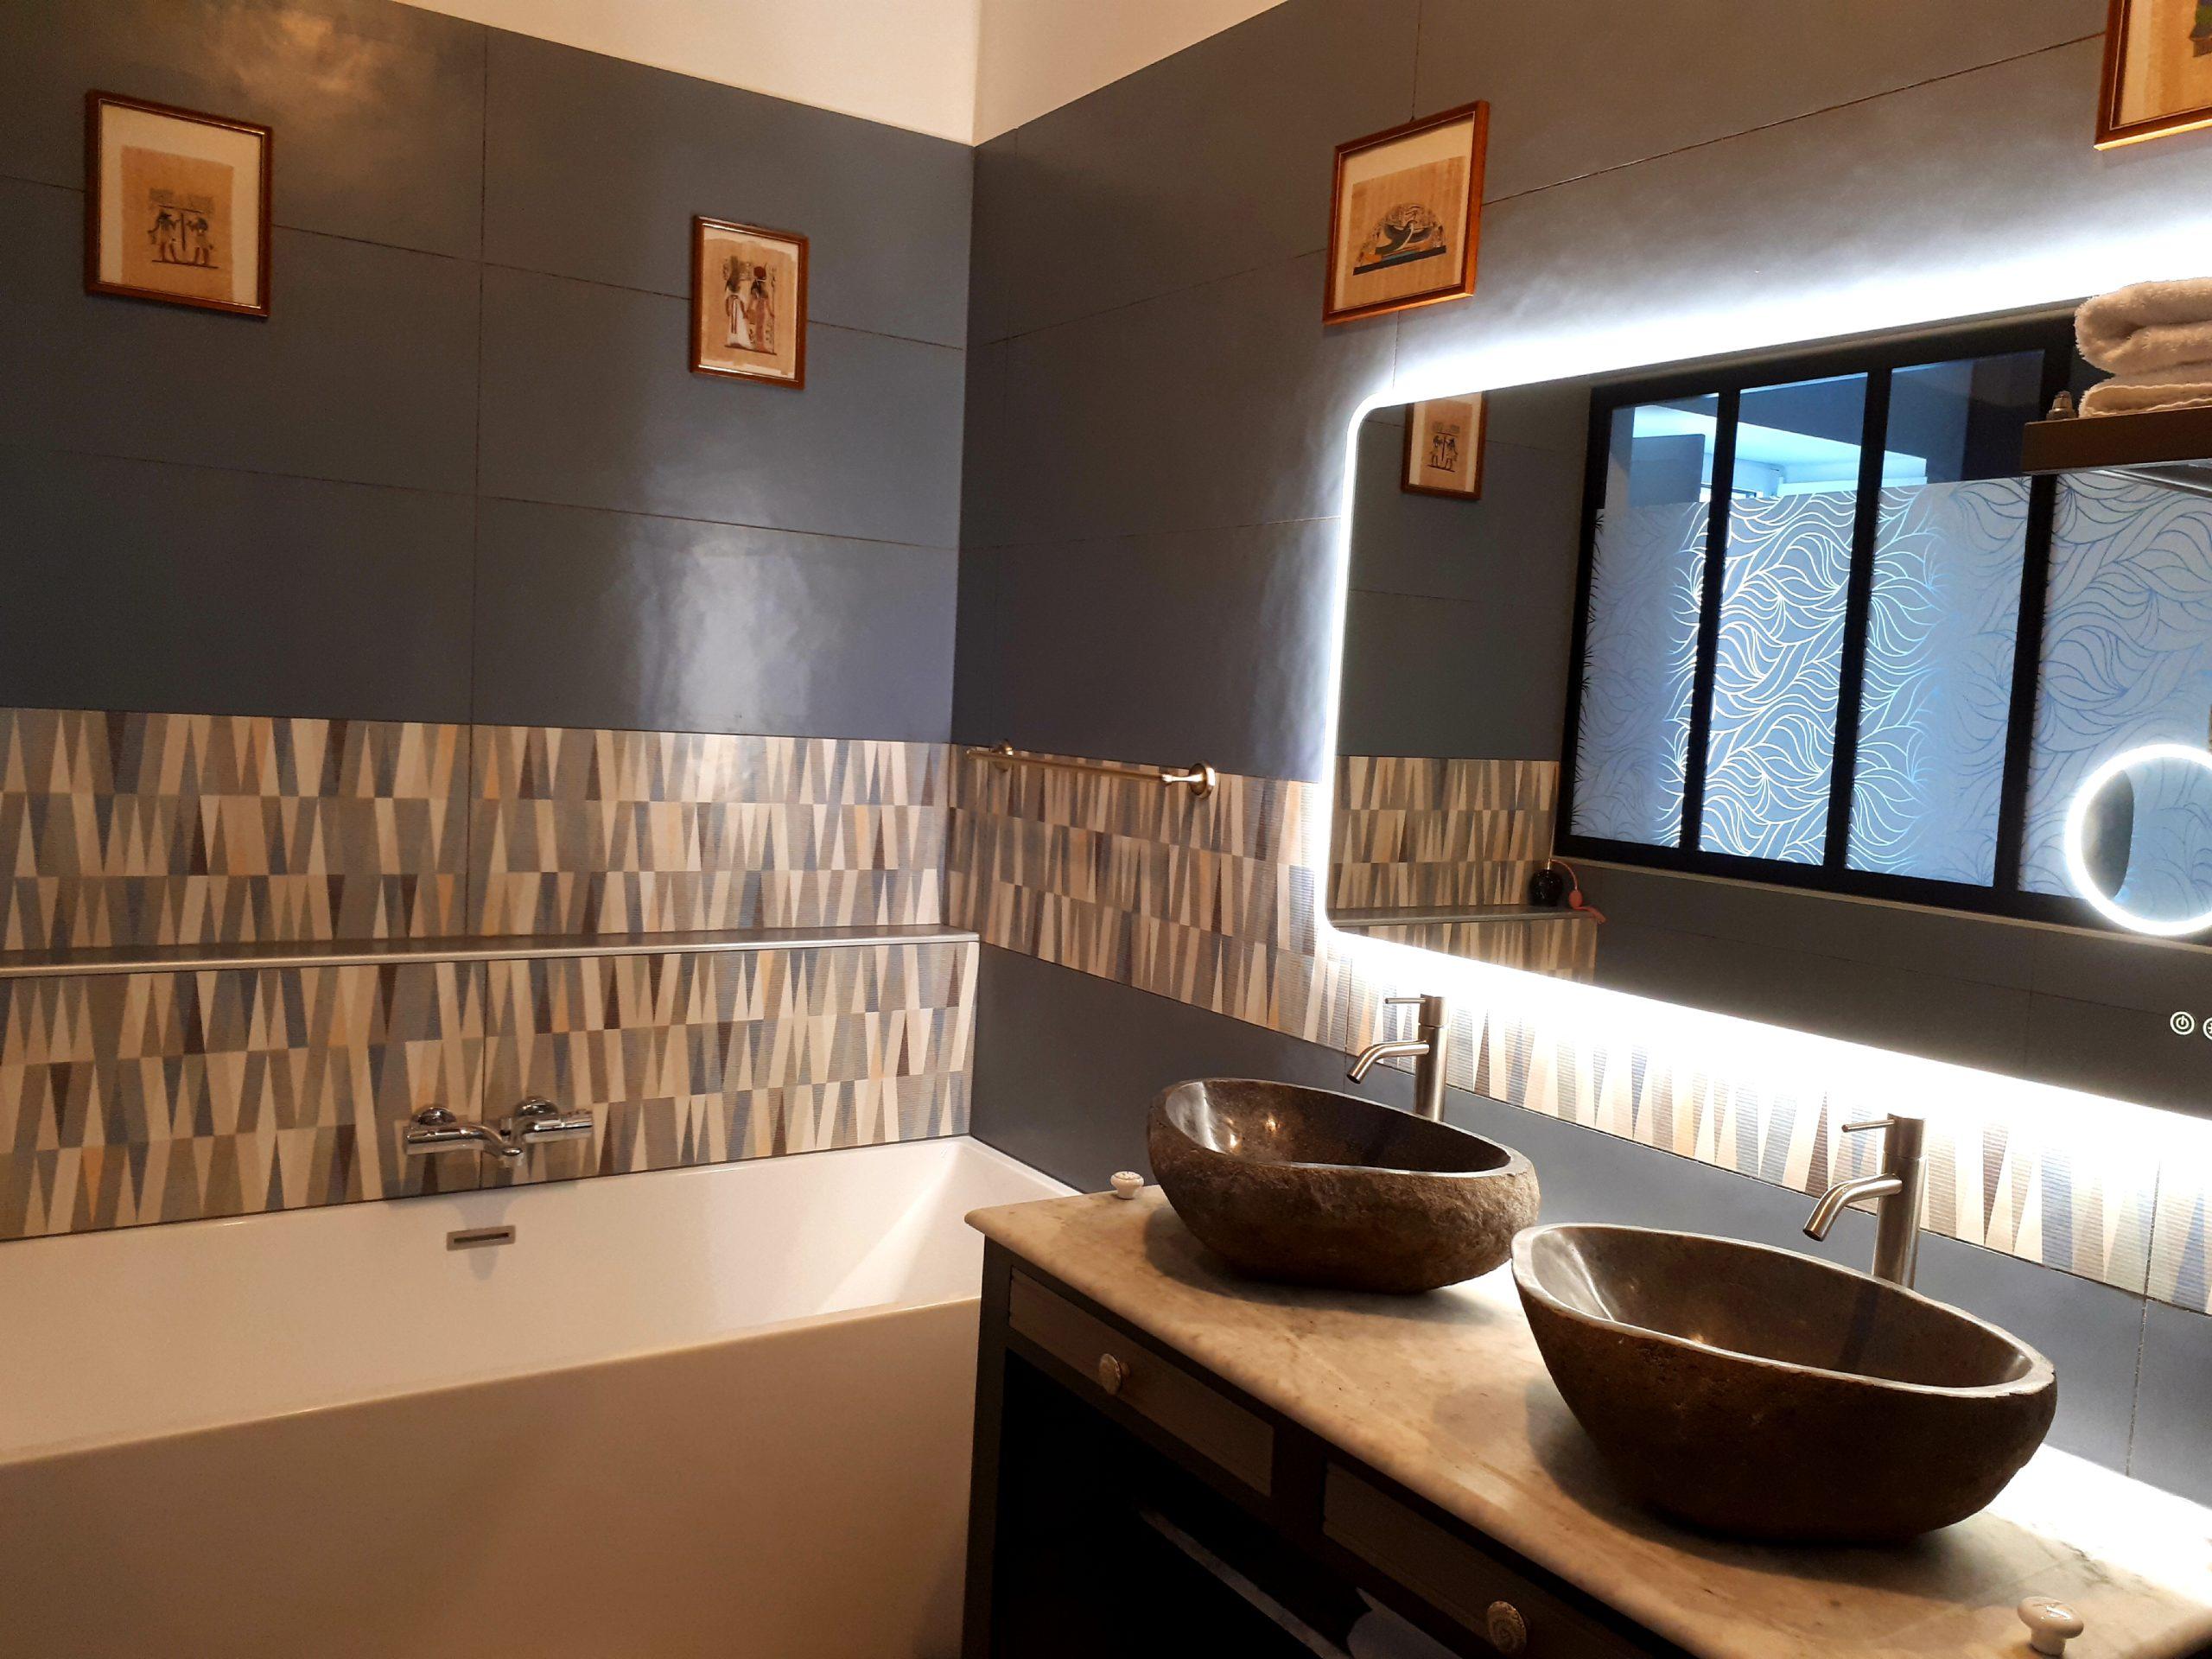 salle-de bain des voyageurs-Domaine de Garat